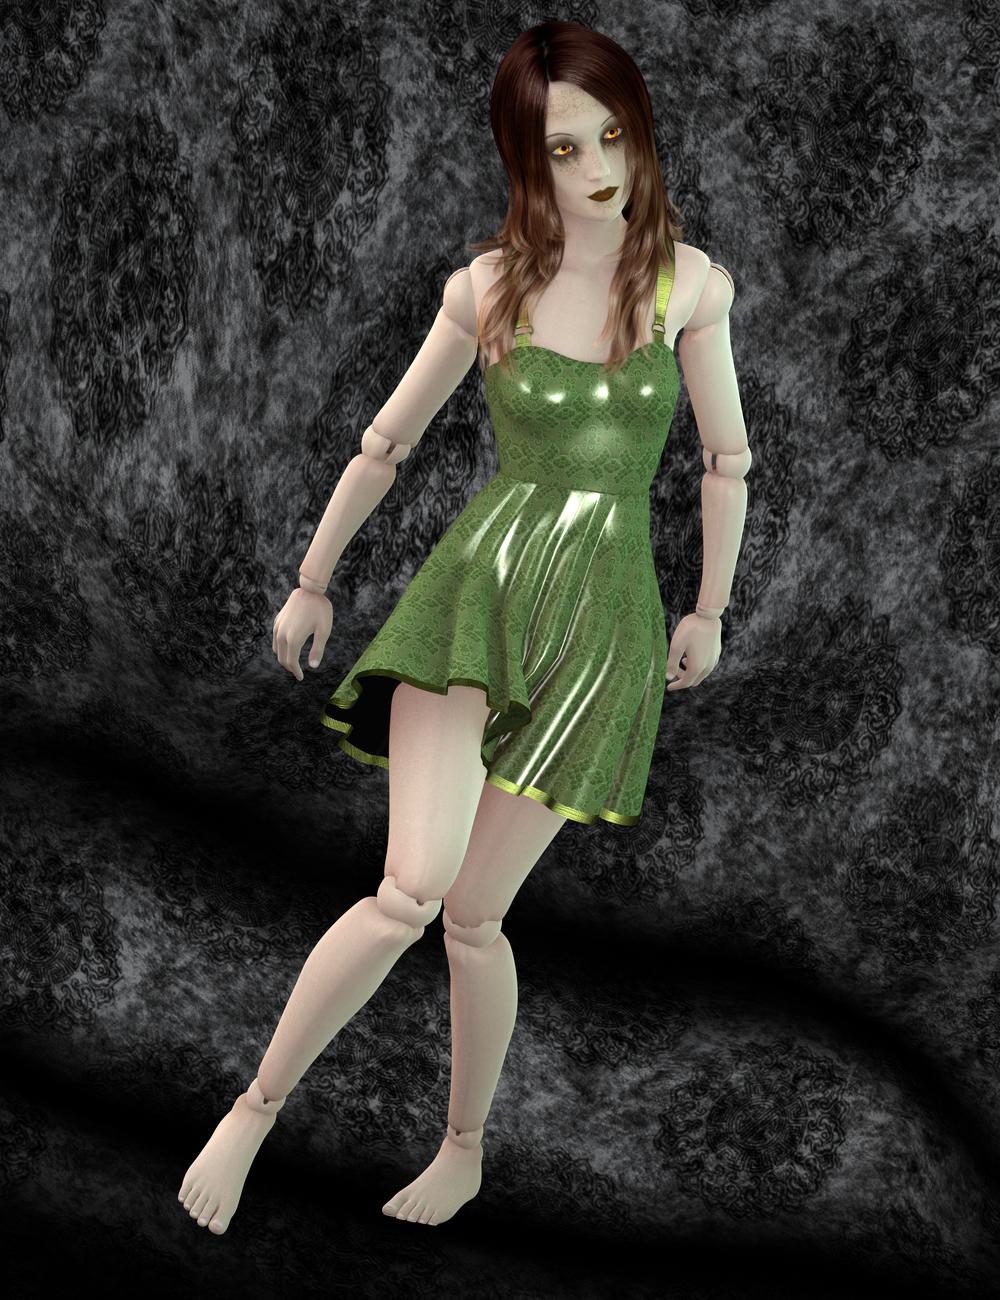 Ball Joint Doll for Genesis 2 Female(s) by: FuselingSickleyield, 3D Models by Daz 3D